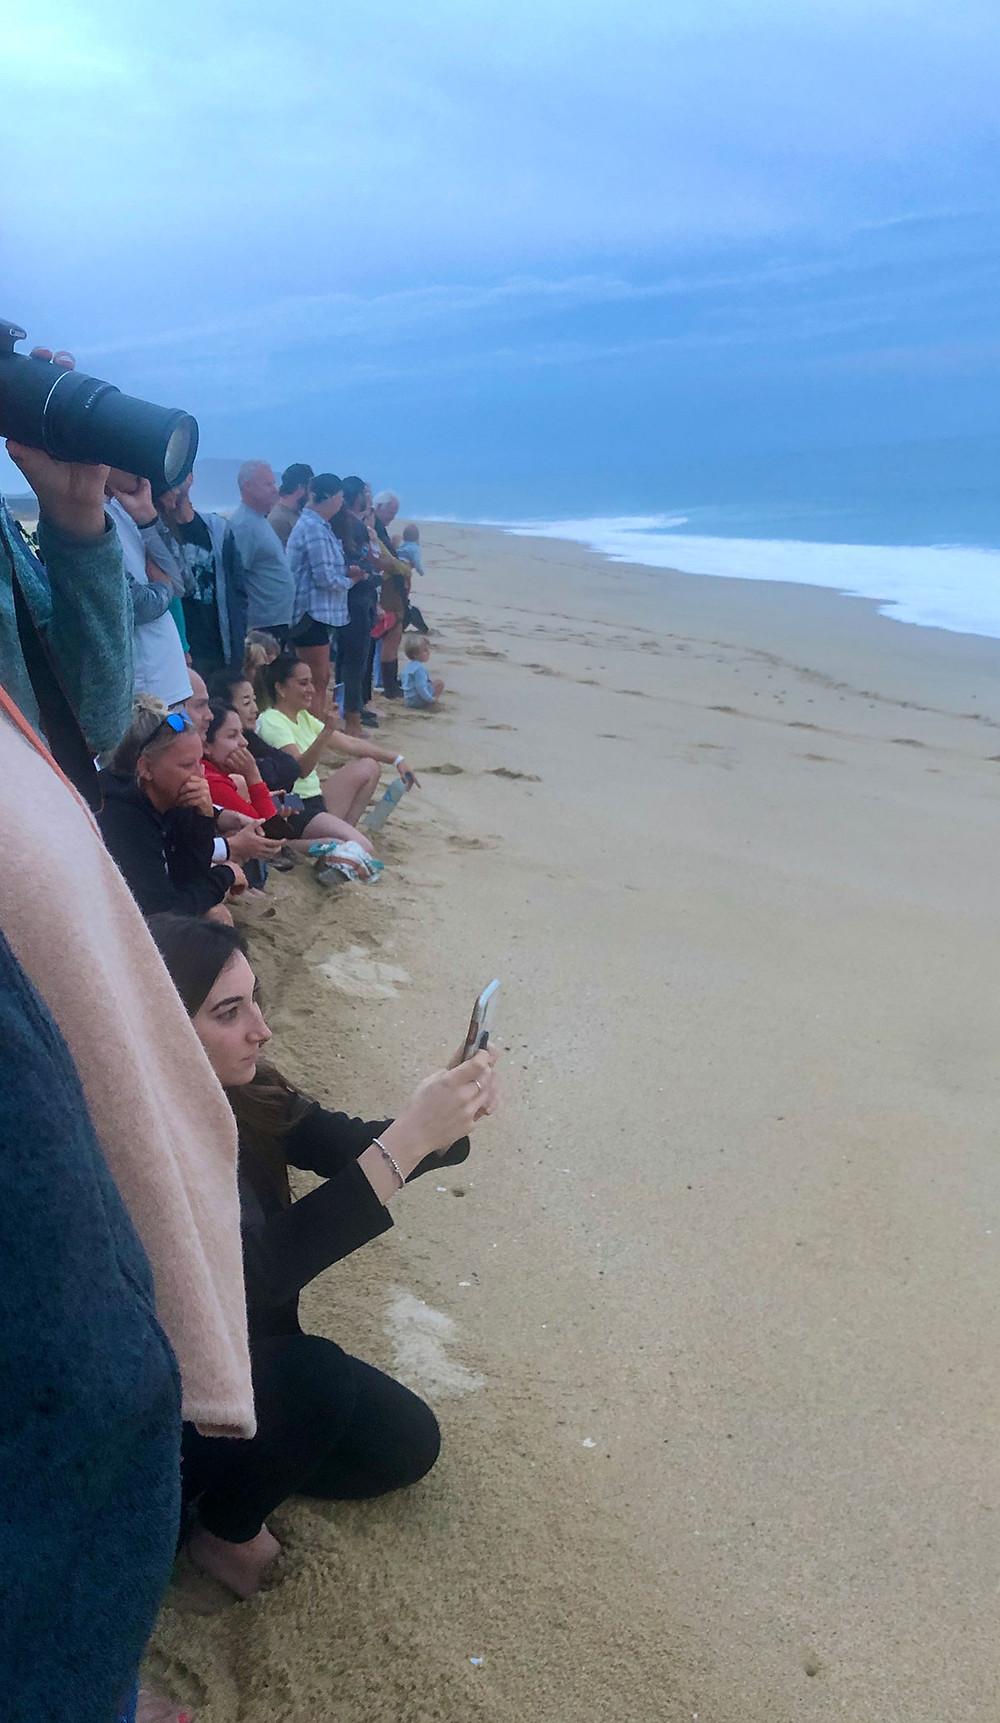 Las Playitas beach turtle release todos santos